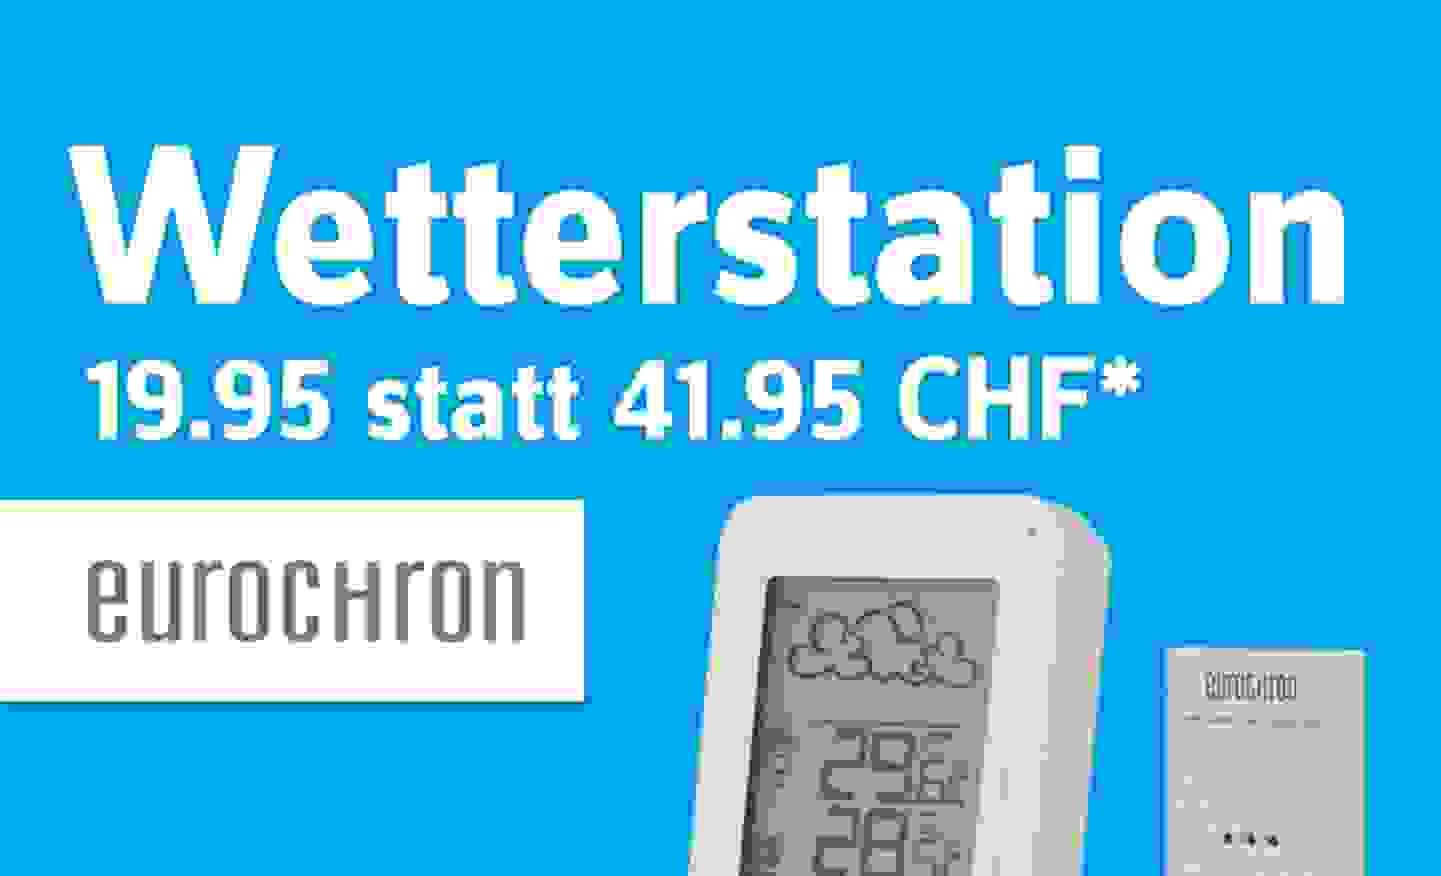 Wetterstation - Nur 19.95 statt 41.95 CHF